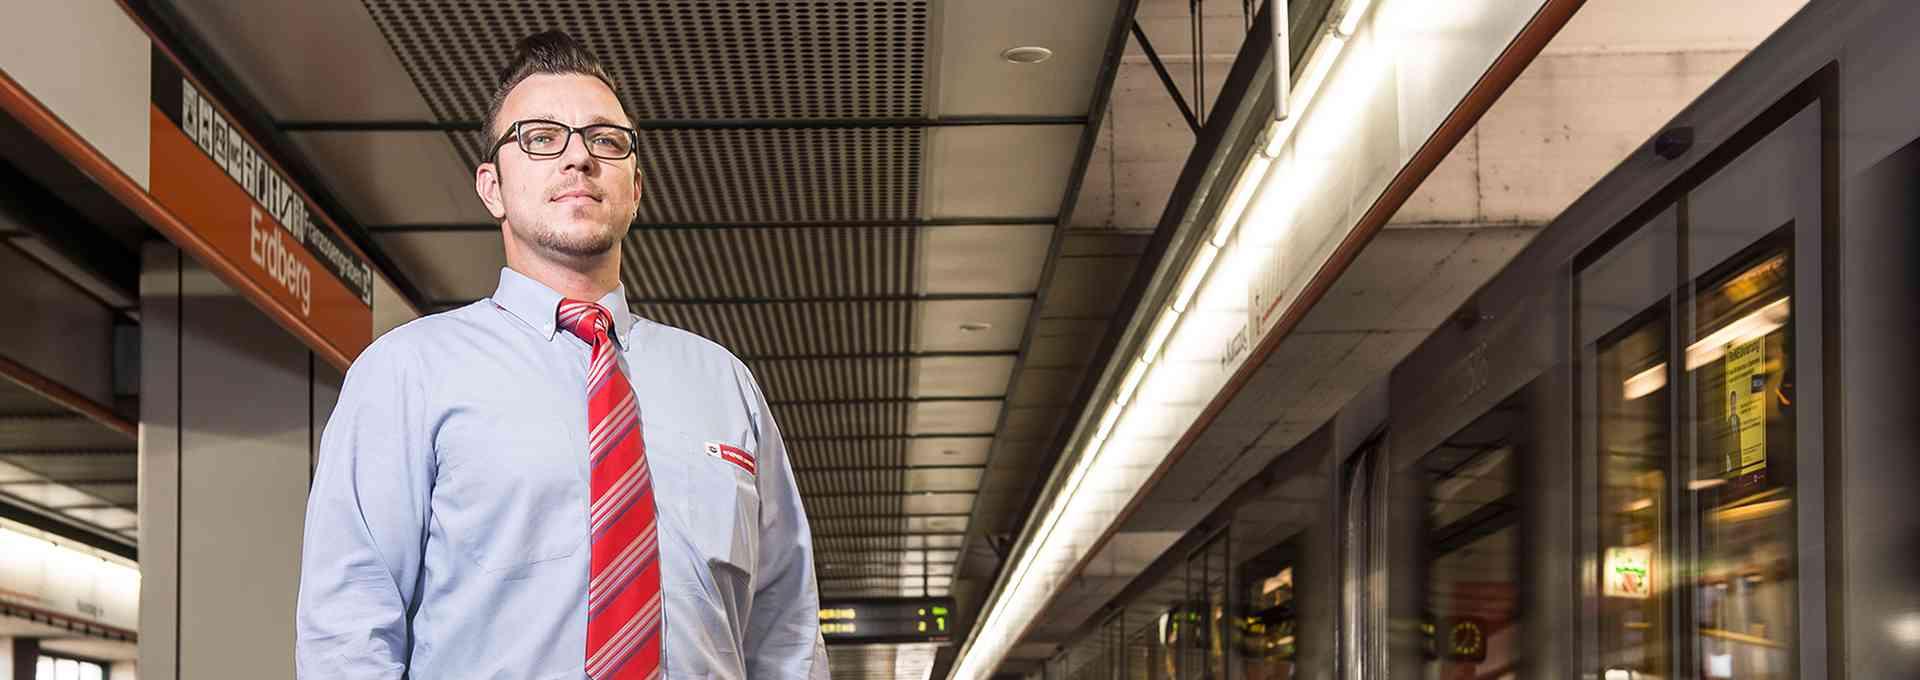 U-Bahn-Fahrer Jürgen Lutz begeistert die Fahrgäste mit netten Durchsagen.